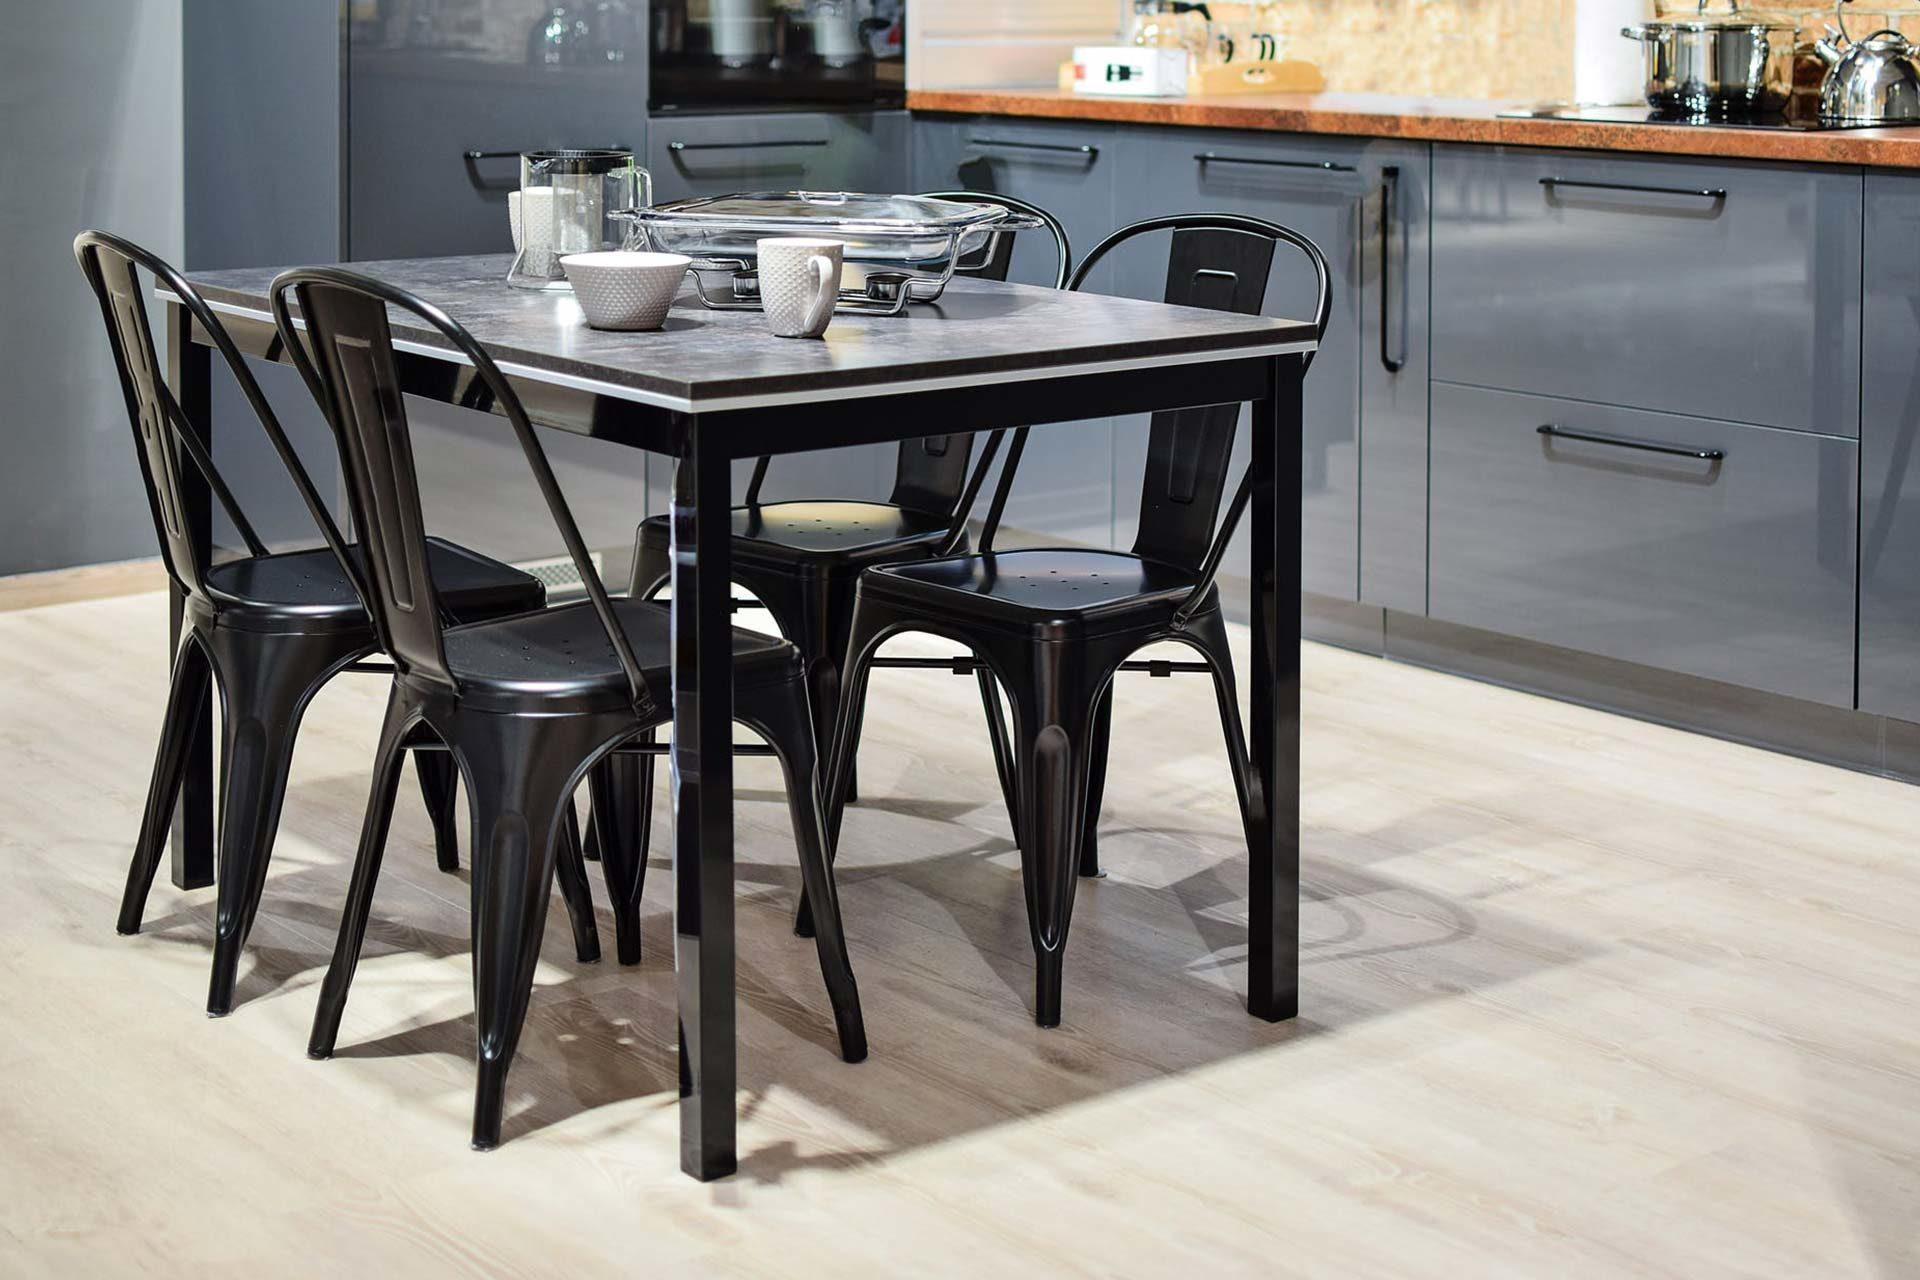 Come scegliere le sedie da cucina: i dettagli che non puoi trascurare